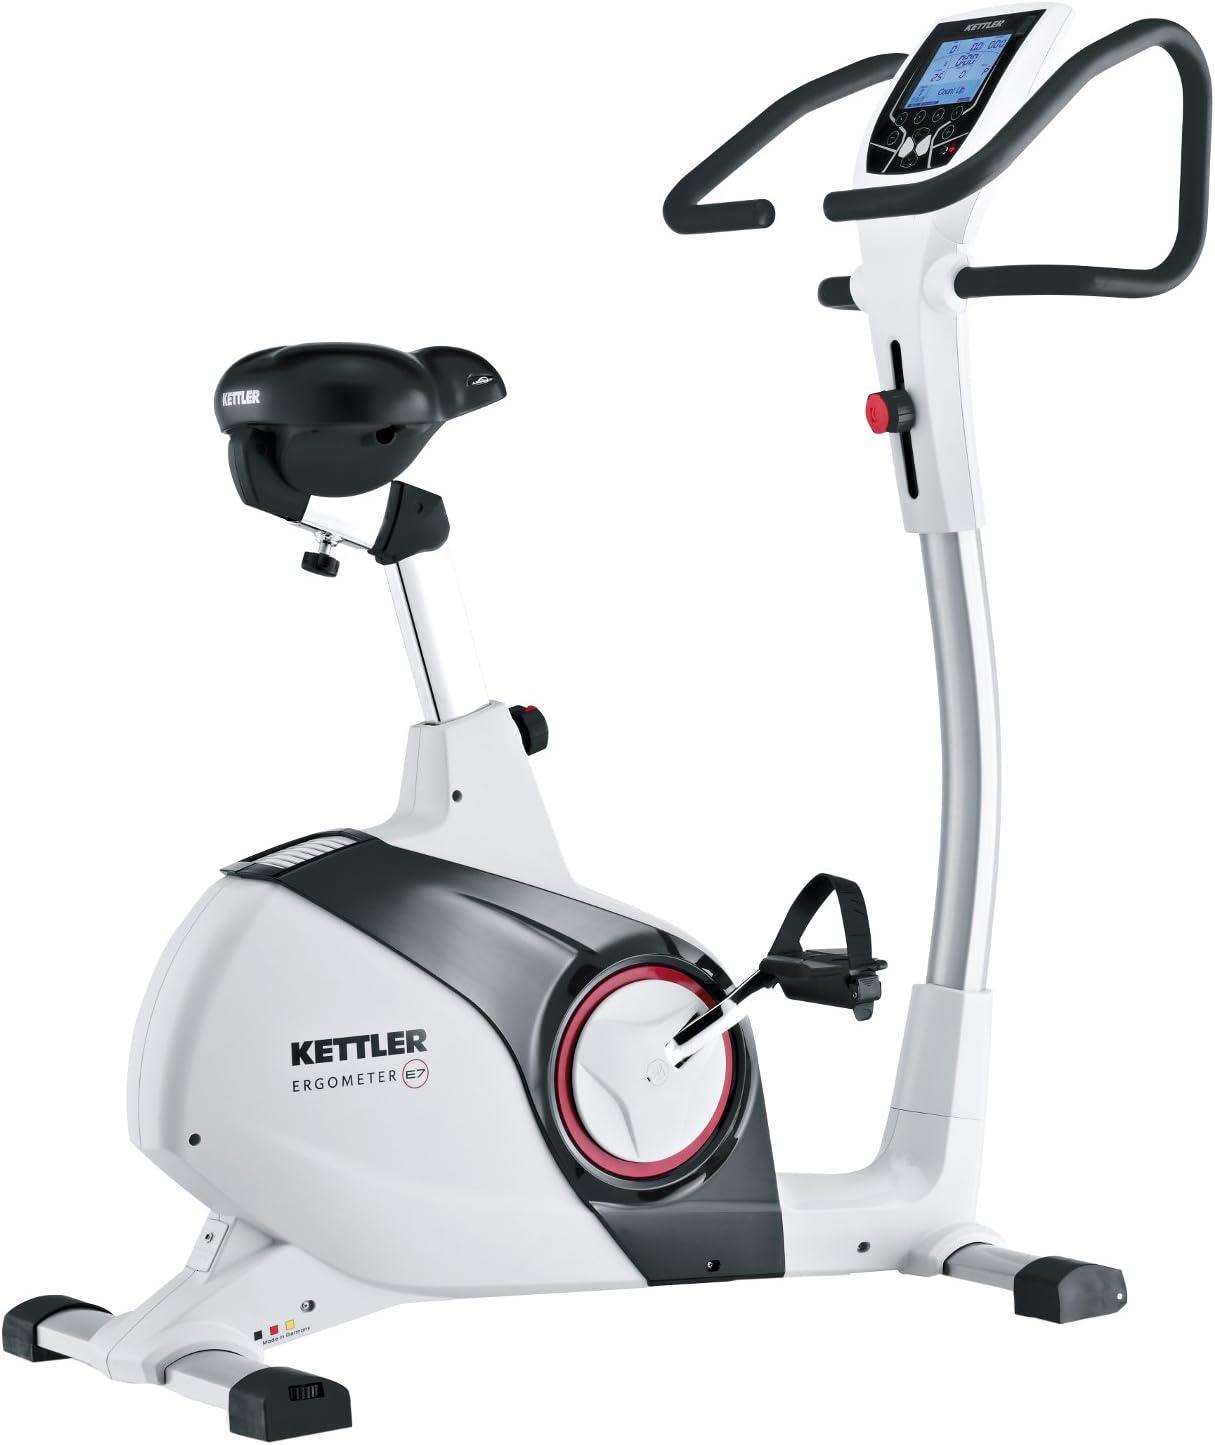 Kettler Ergometer E7 (2012): Amazon.es: Deportes y aire libre